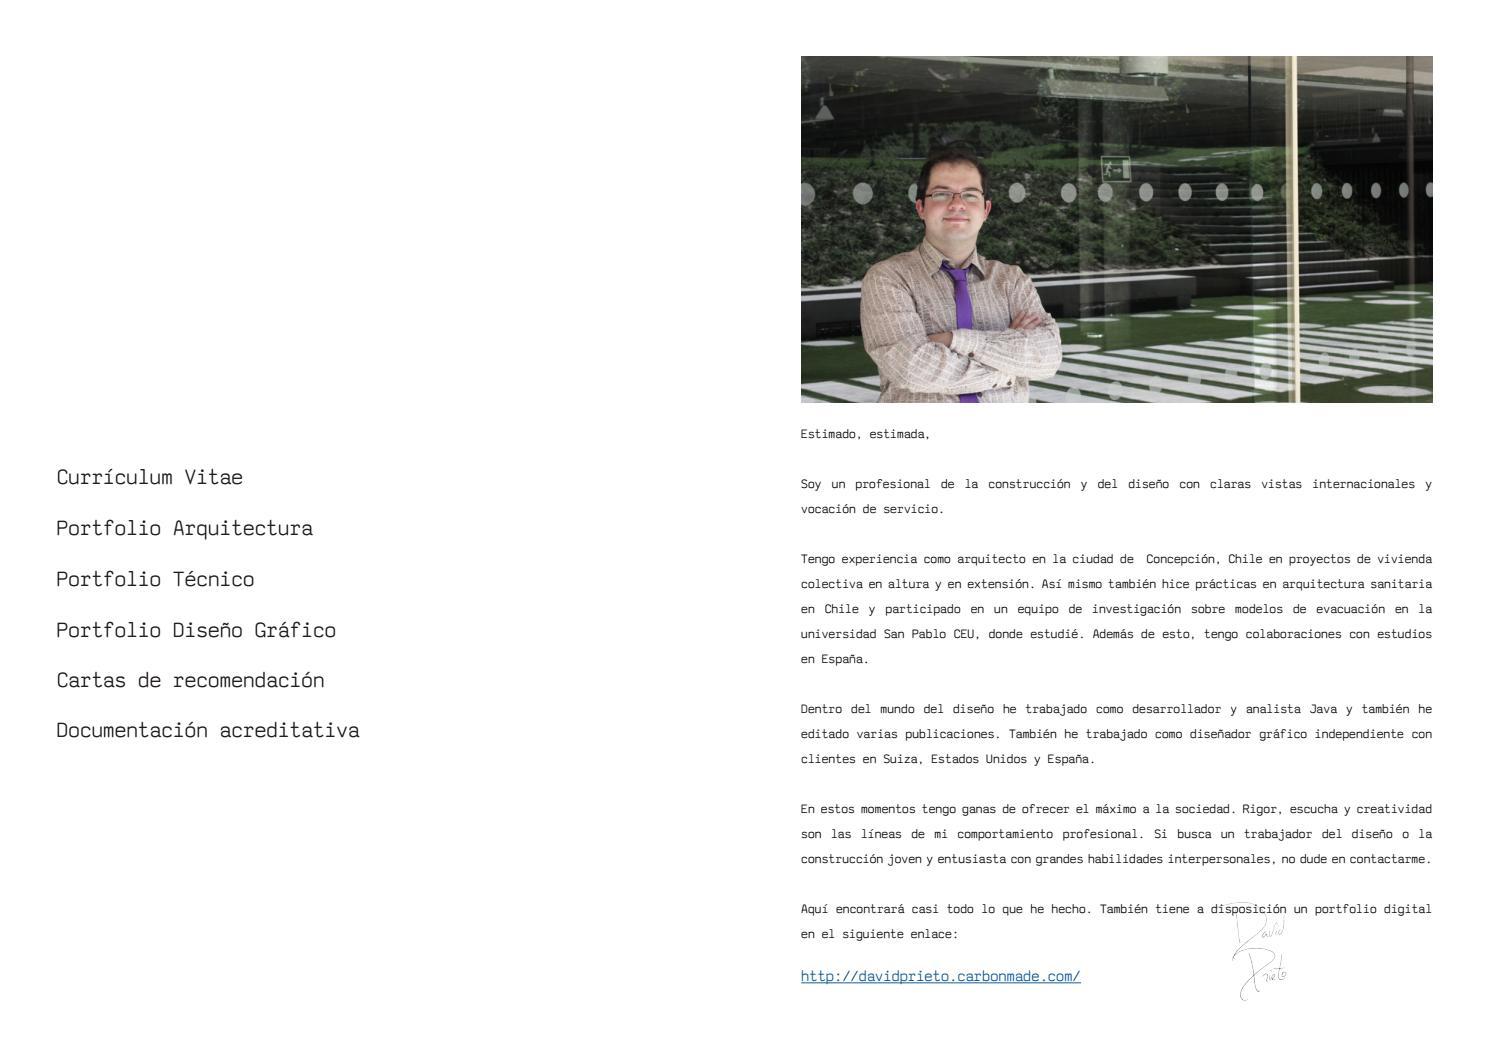 Dossier David Prieto Gonzalez by davidprietodeburgos - issuu